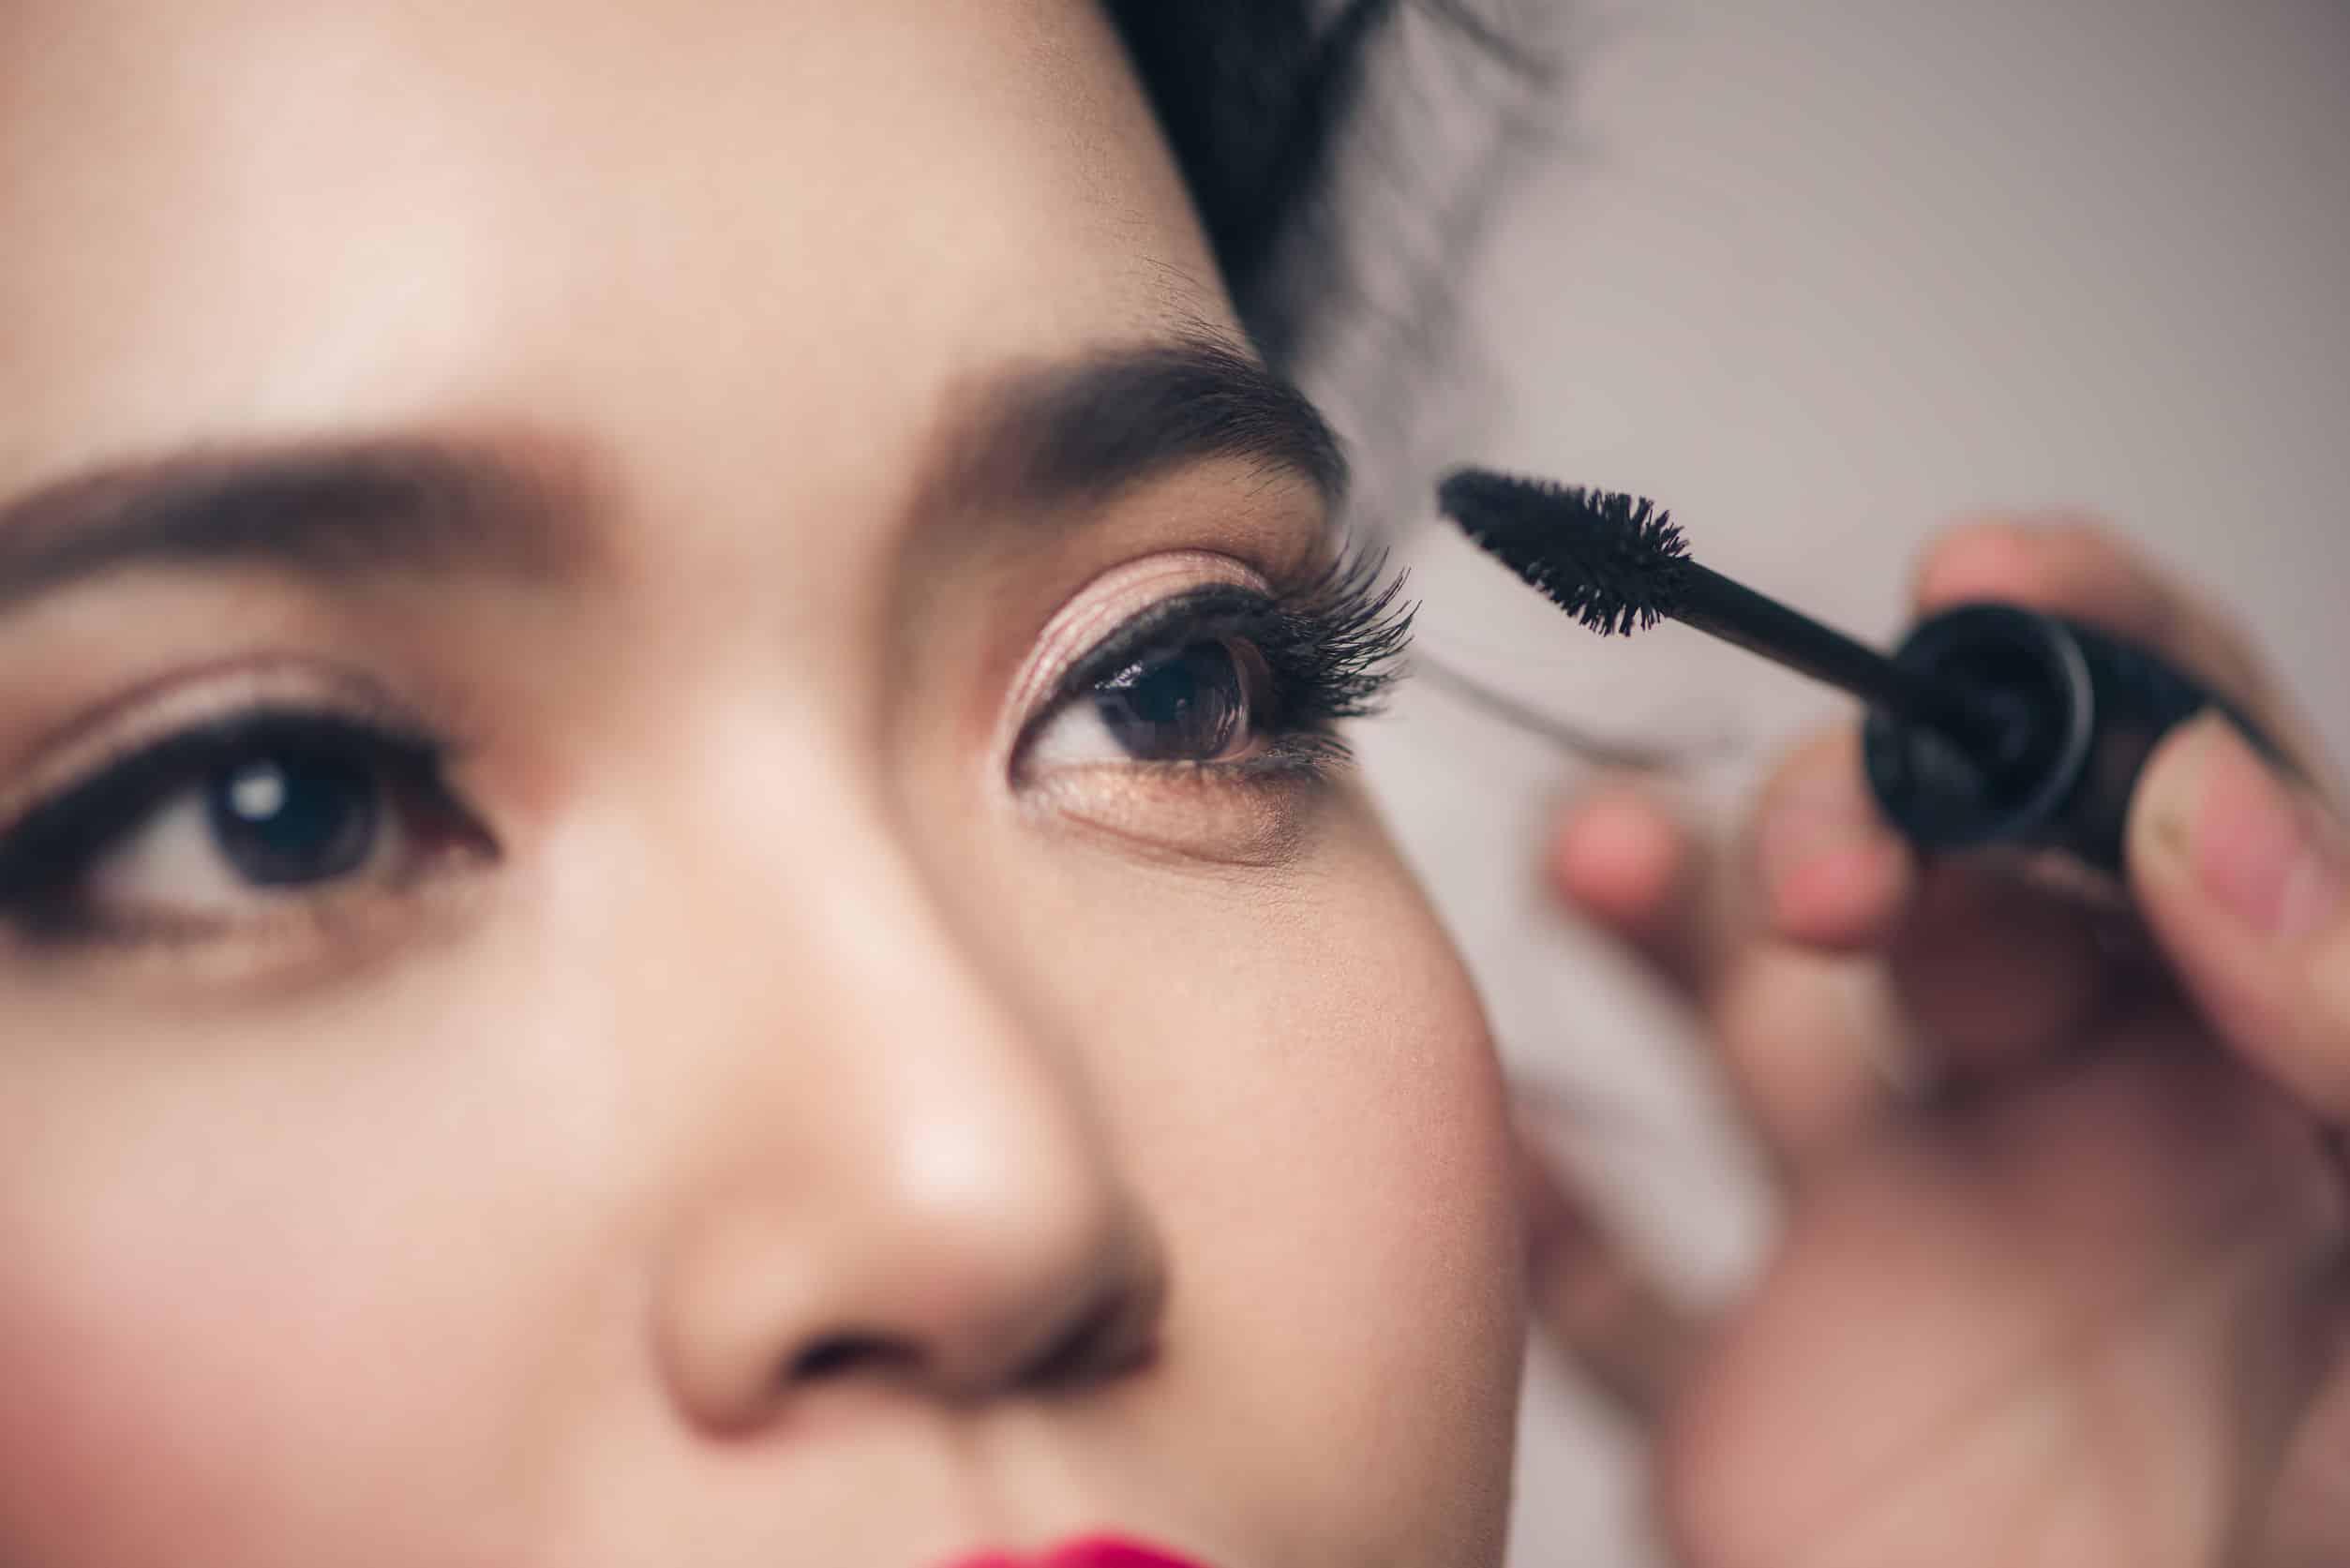 Mujer aplicando se mascara de pestaña